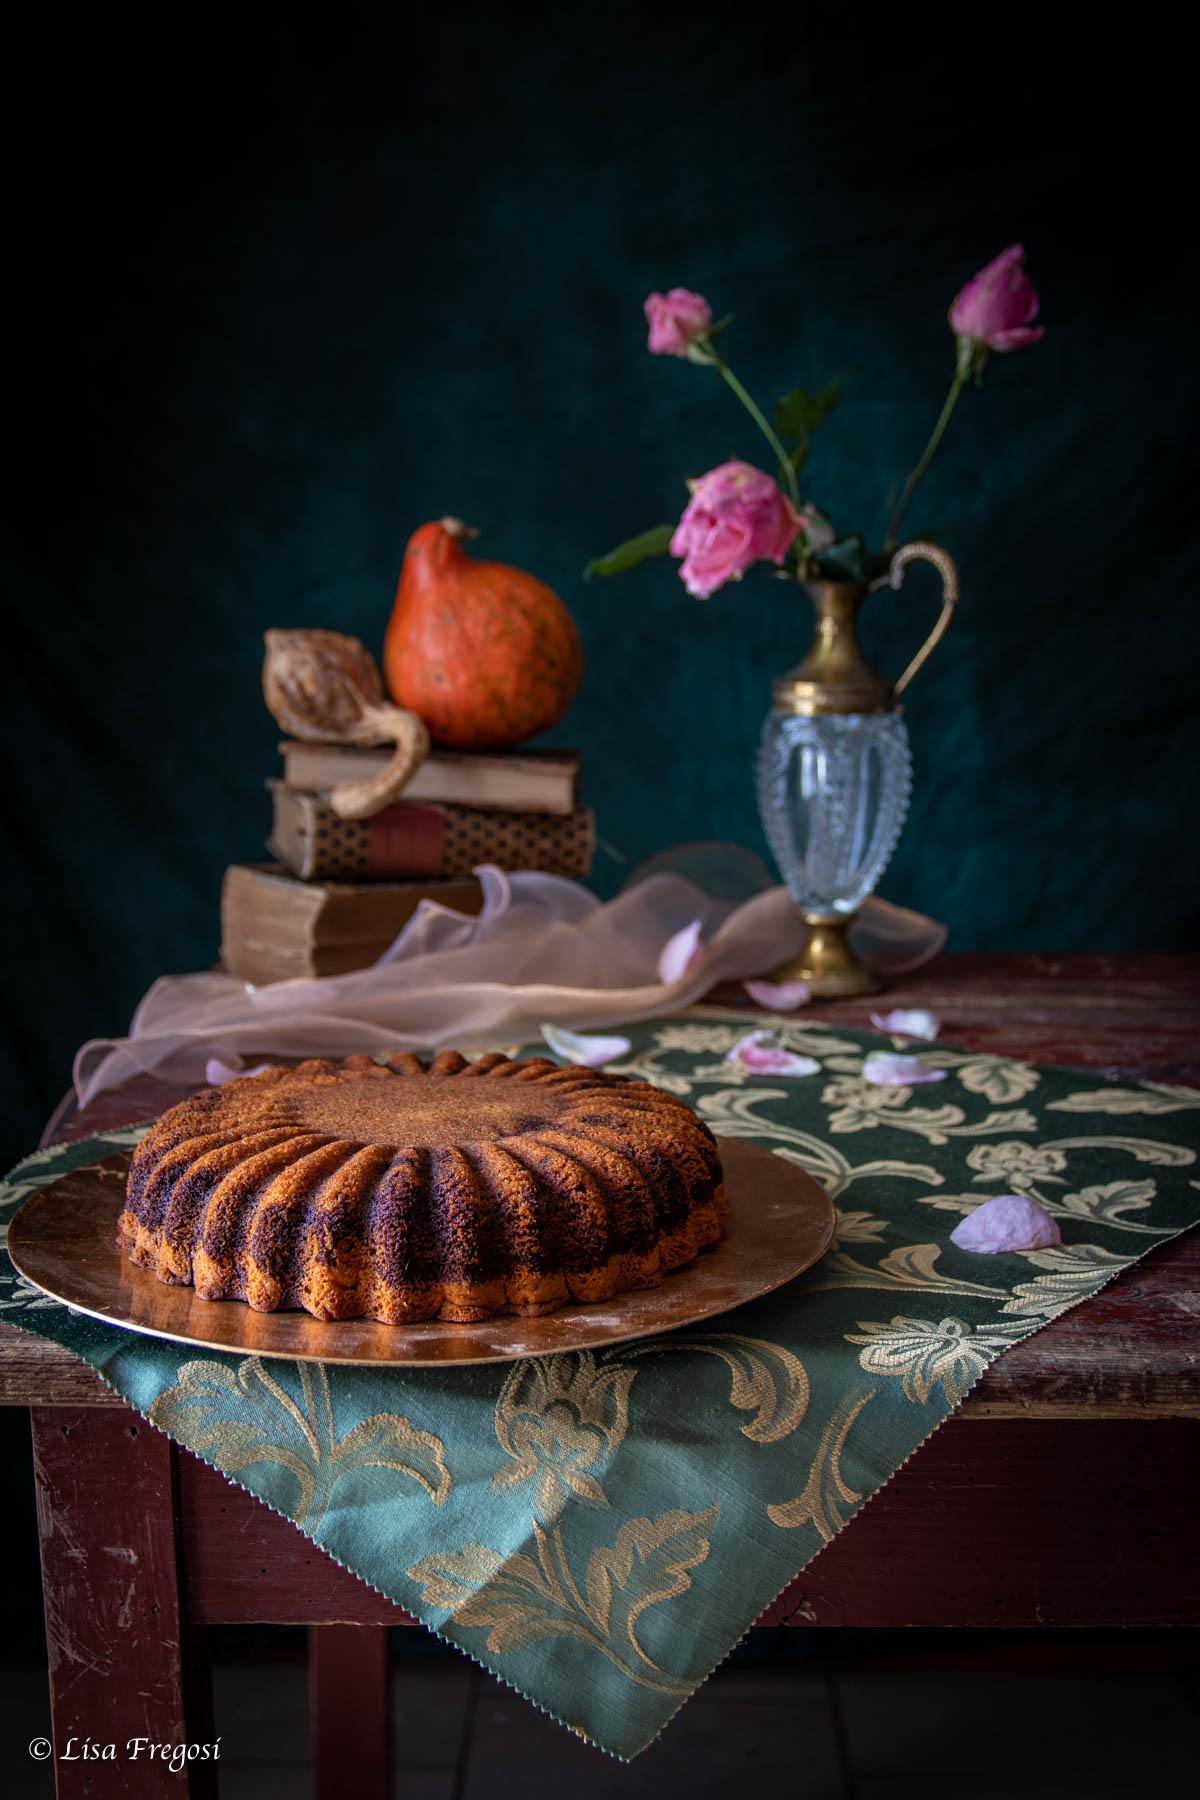 Ricetta della torta alla zucca con variegatura al cacao